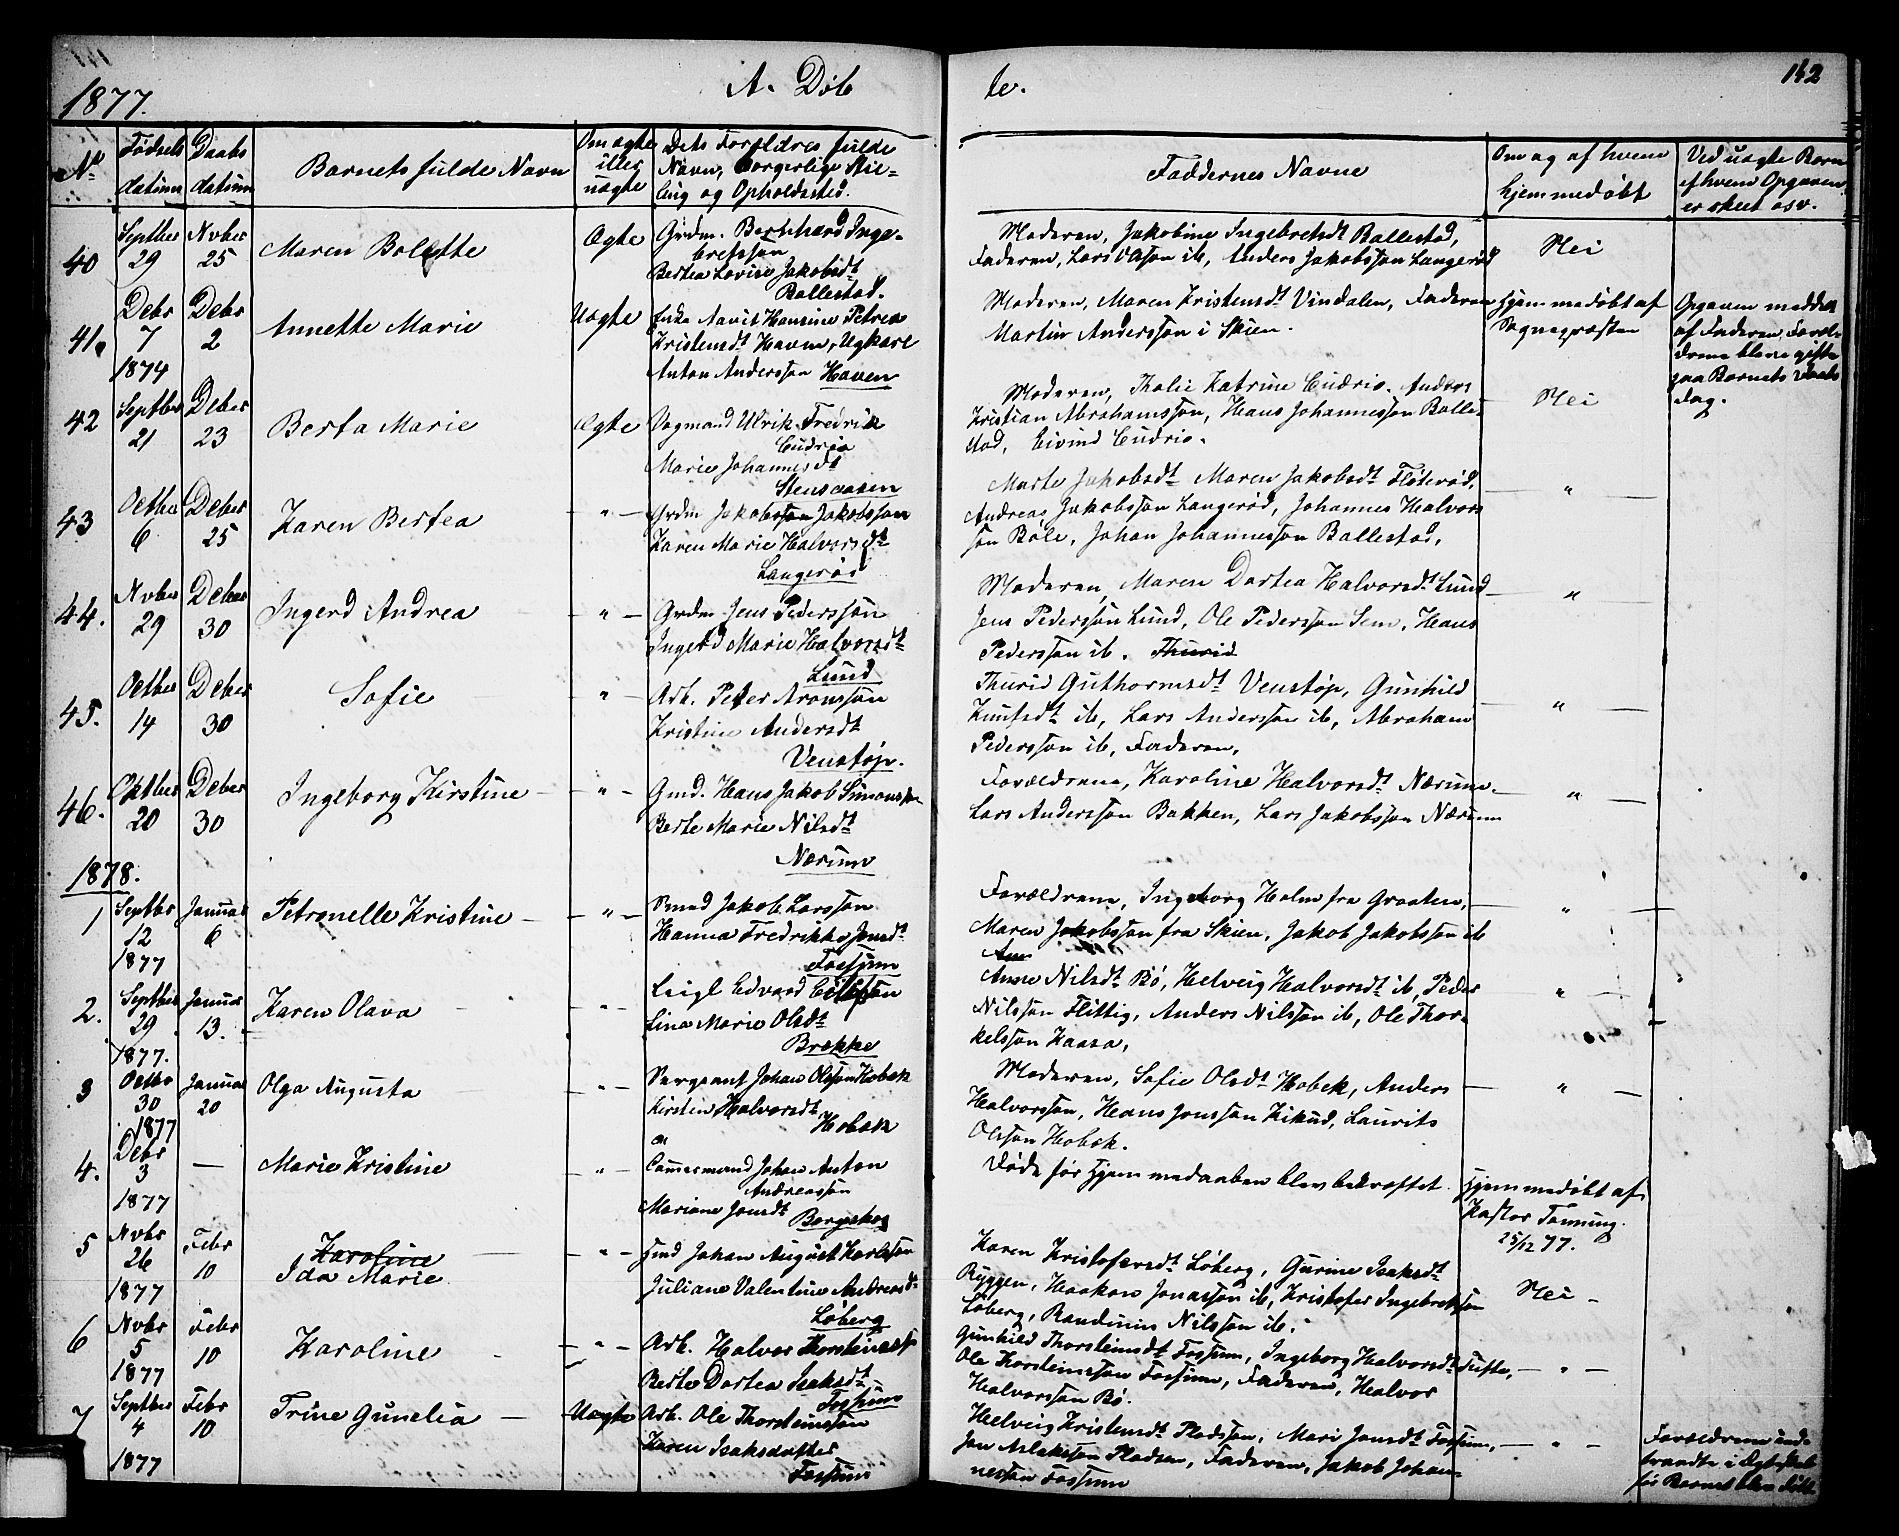 SAKO, Gjerpen kirkebøker, G/Ga/L0001: Klokkerbok nr. I 1, 1864-1882, s. 142